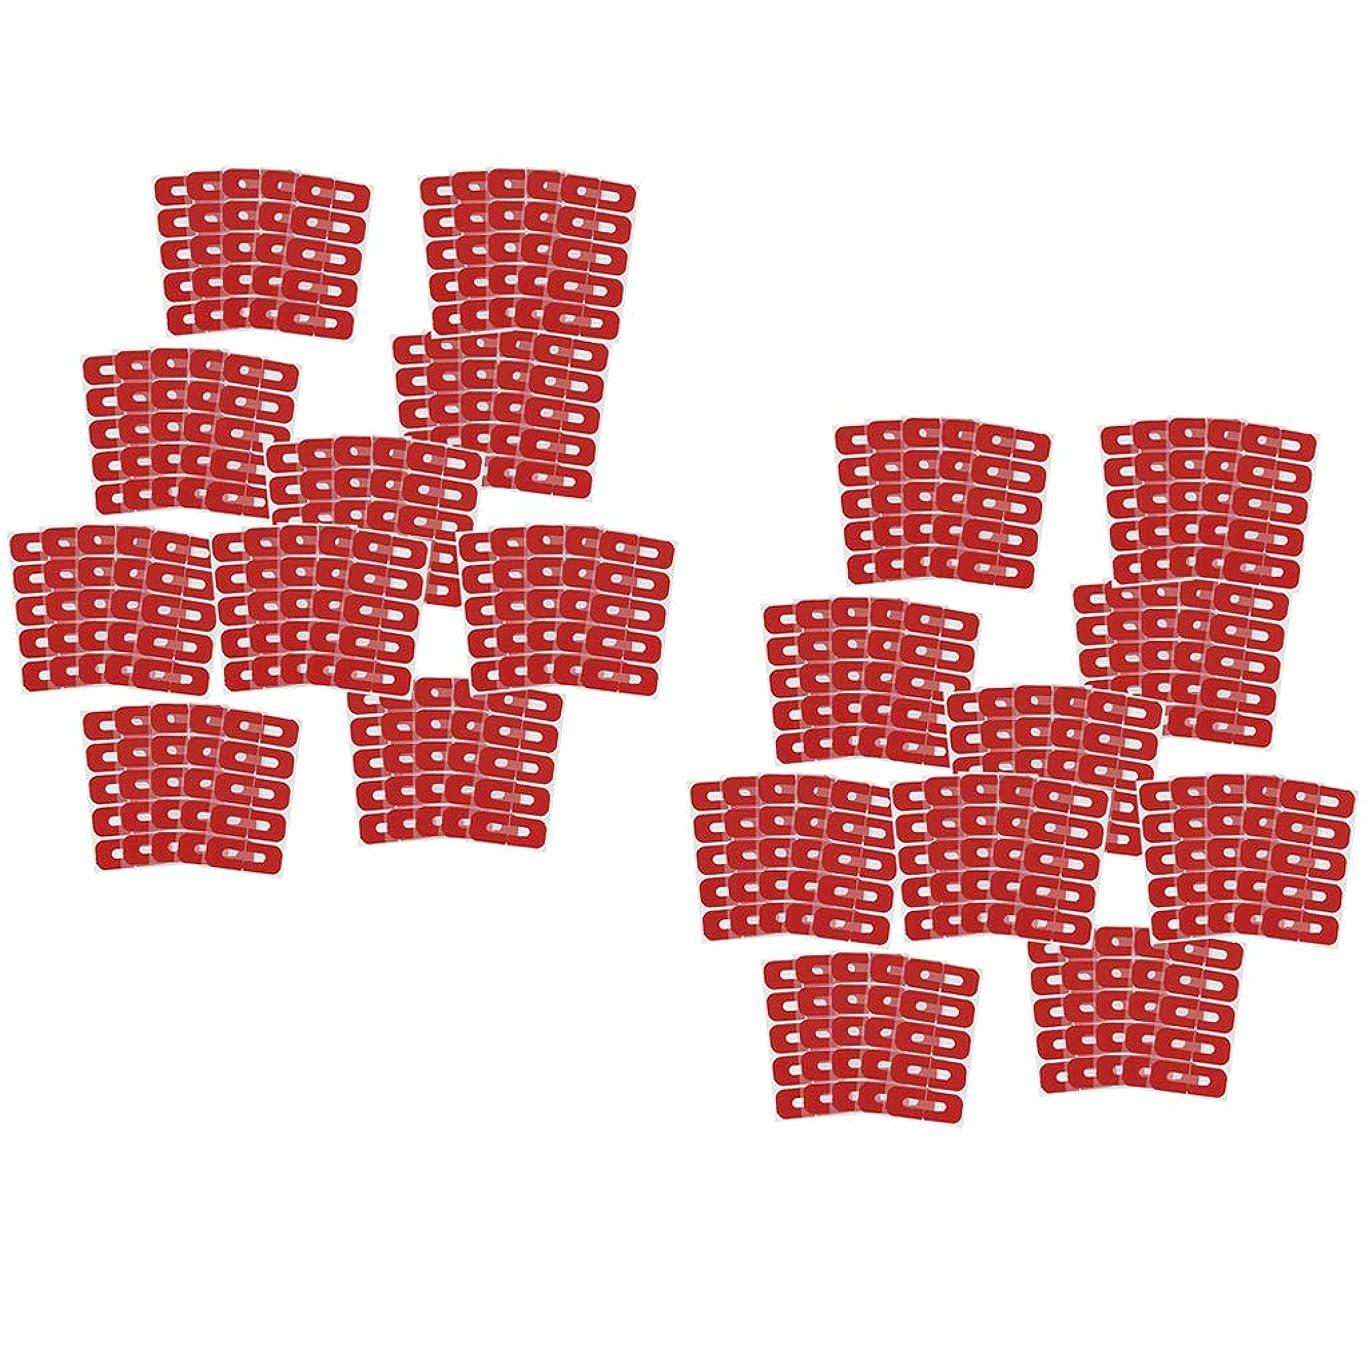 自体ハードリング共役T TOOYFUL ネイルサロン こぼれ防止 ネイルプロテクター カバー 使い捨て ネイルポリッシュ ネイルアート